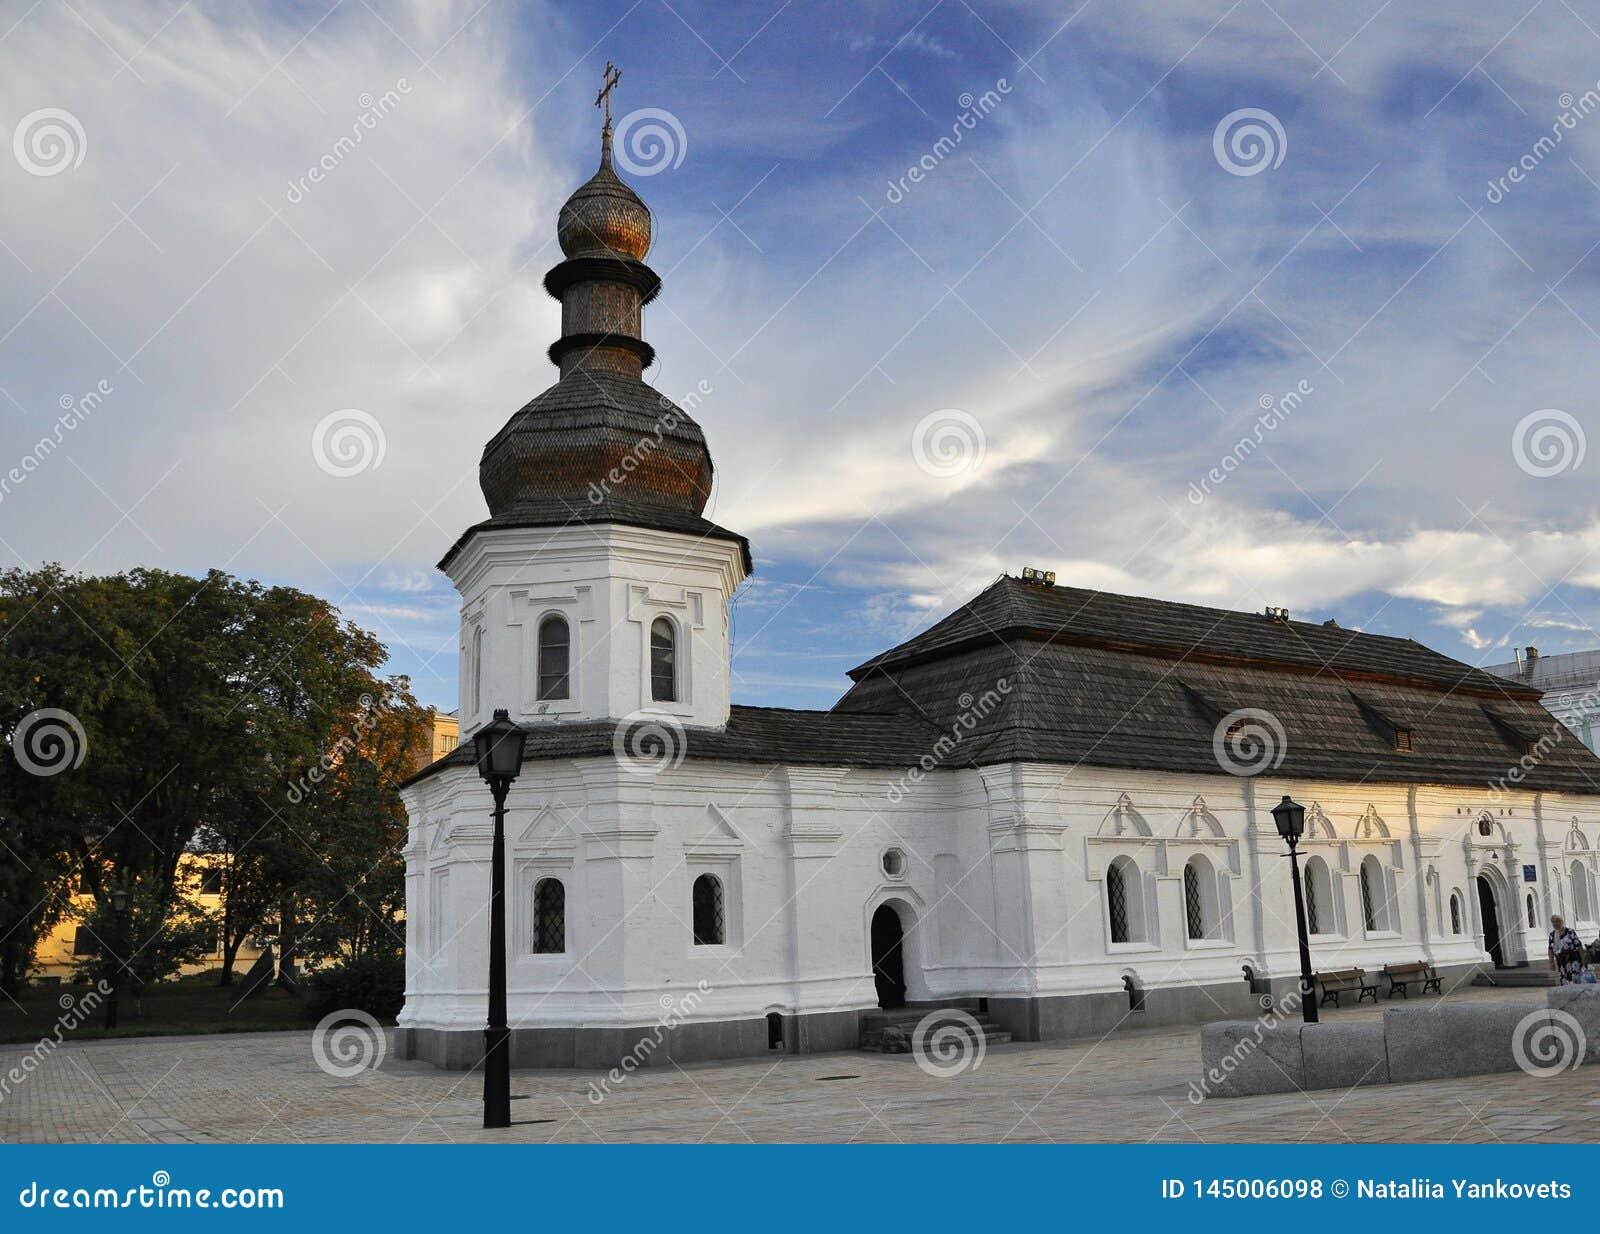 September 12, 2010 - forntida historisk arkitektur i mitten av Kiev mot den bl?a himlen med vita moln